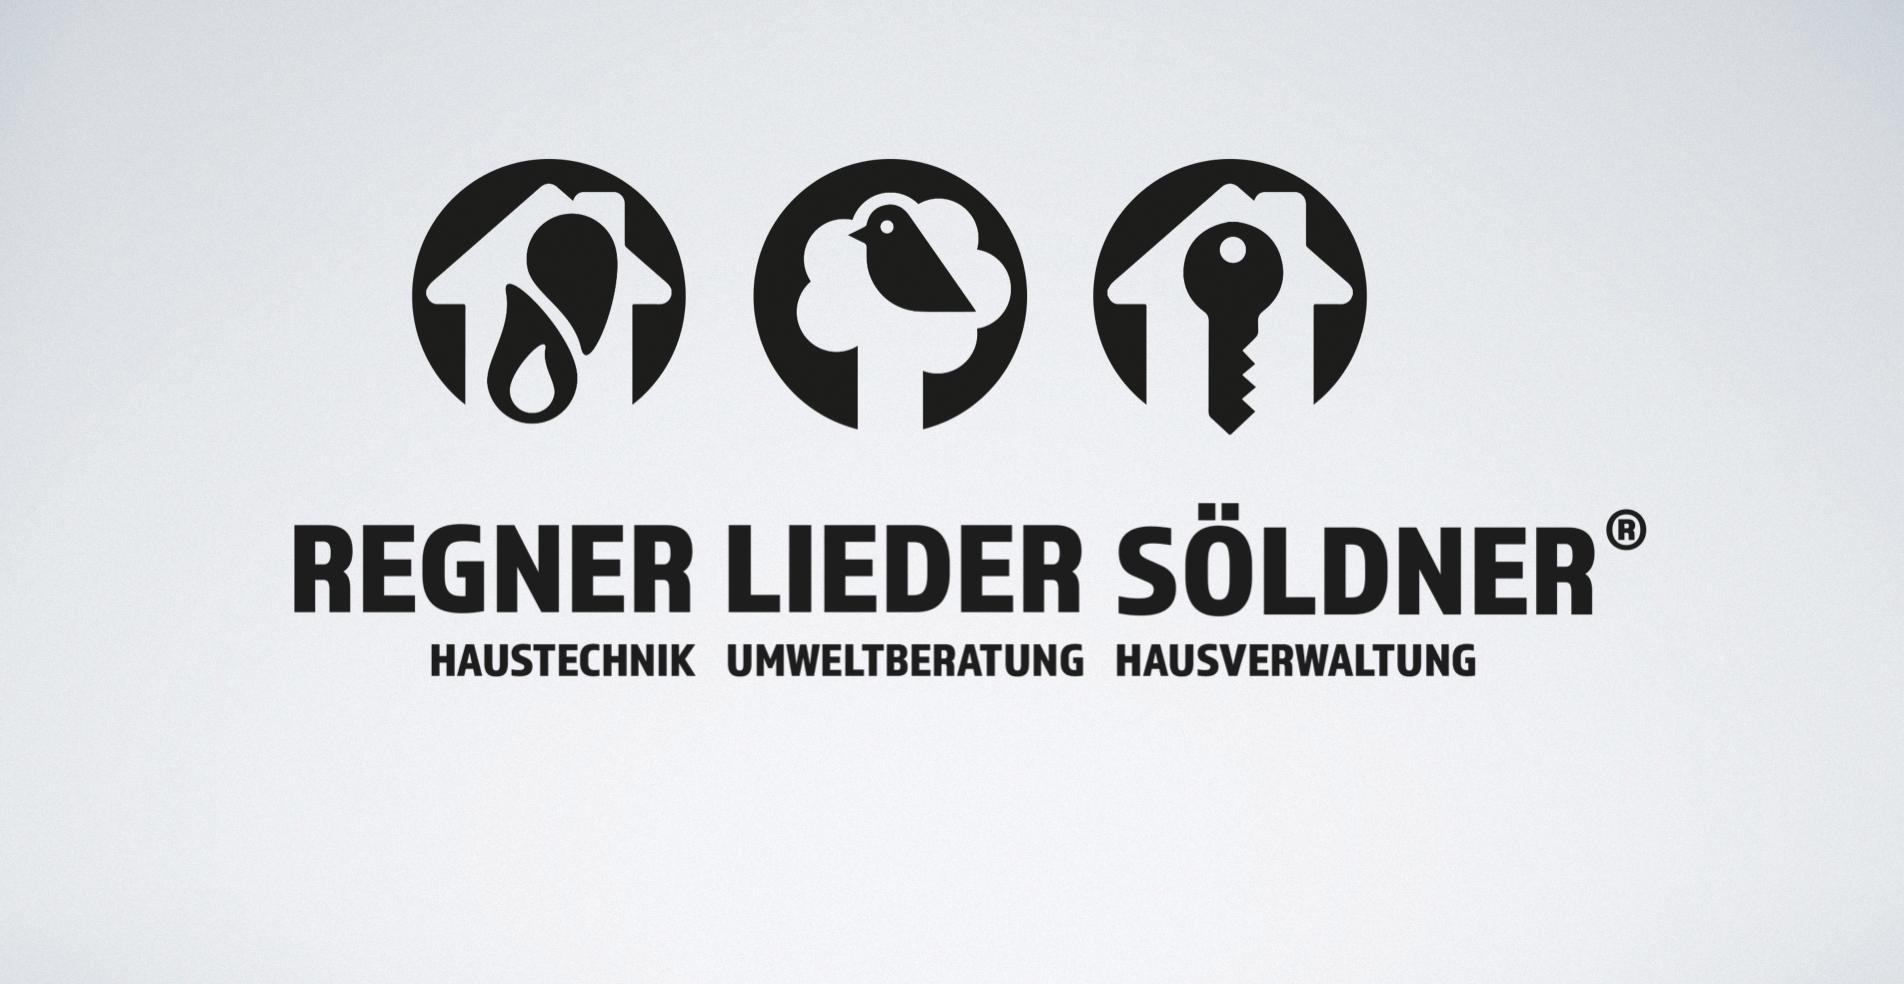 Logo Dachmarke Regner Lieder Söldner by Reichelt